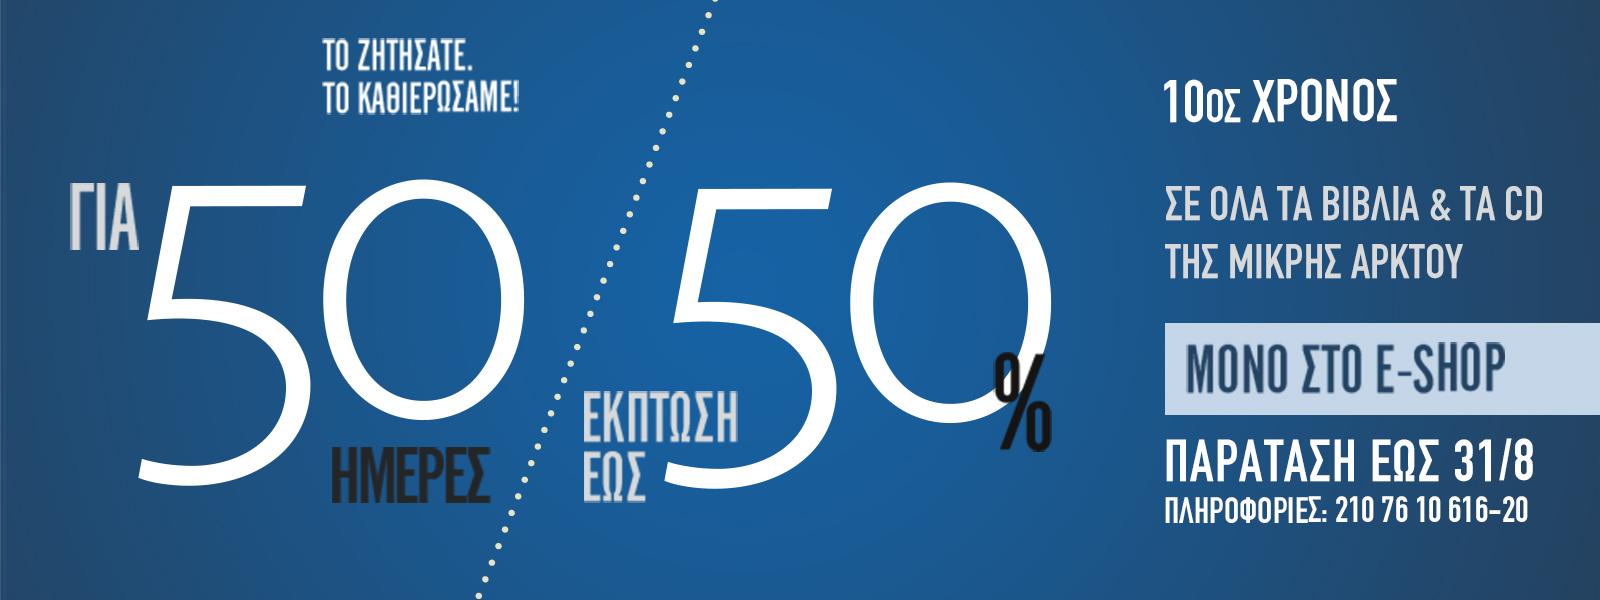 50-50-2020-summer